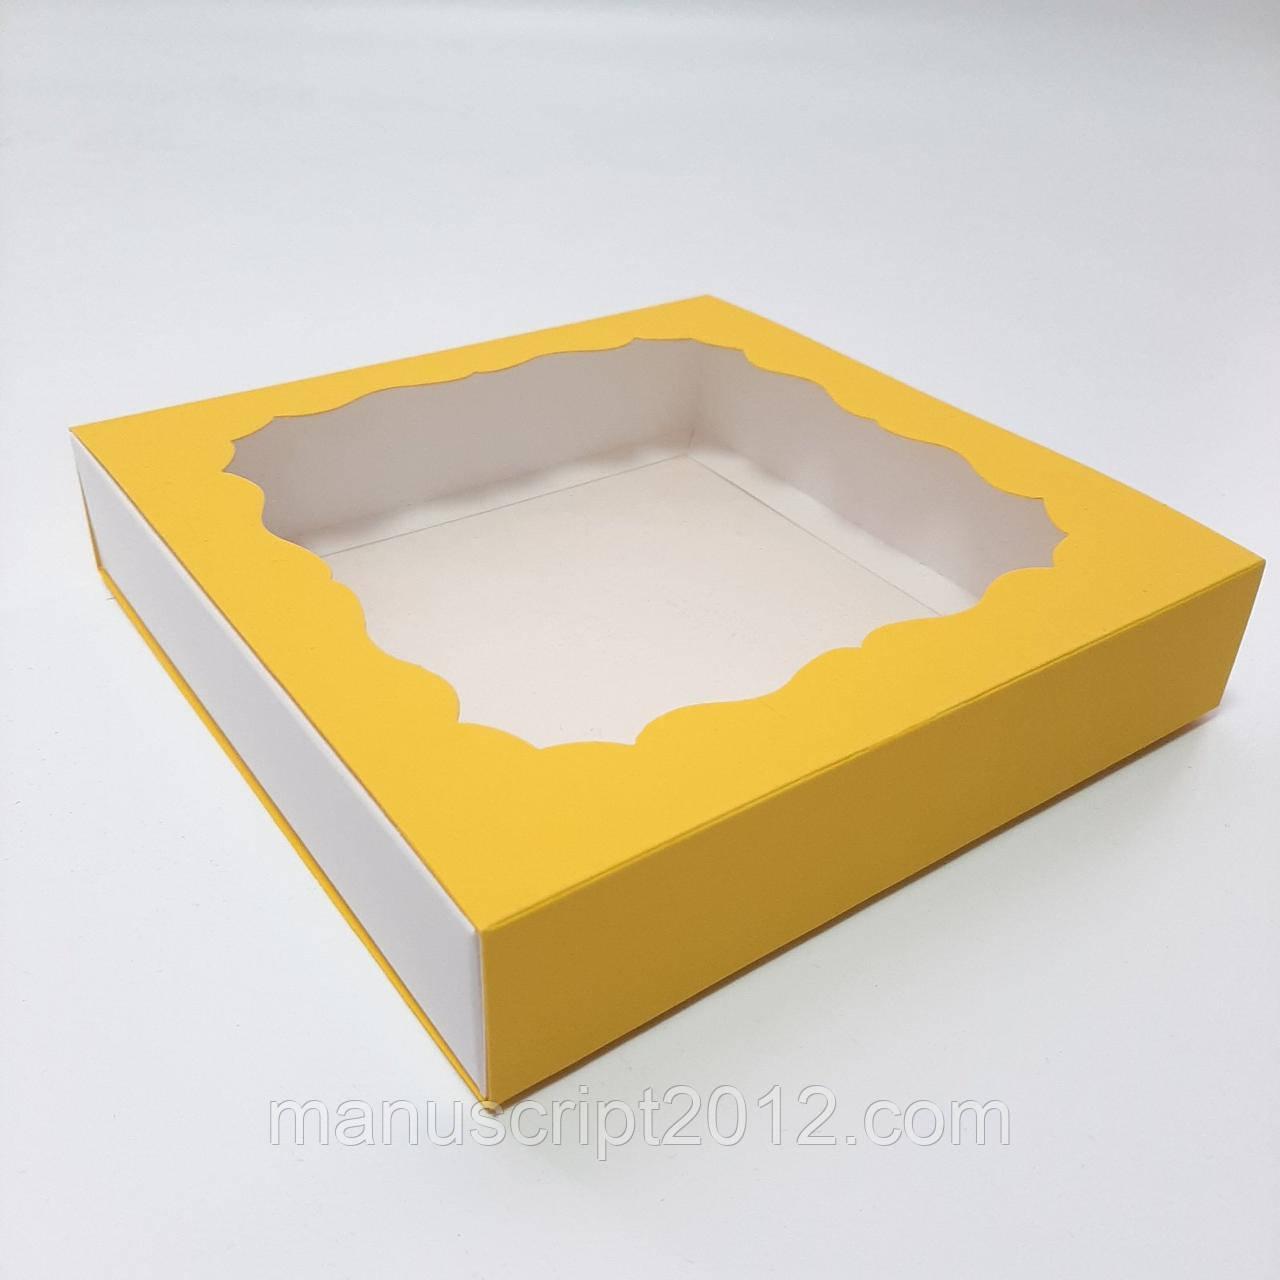 Коробка для подарков  желтая 160х160х35 мм